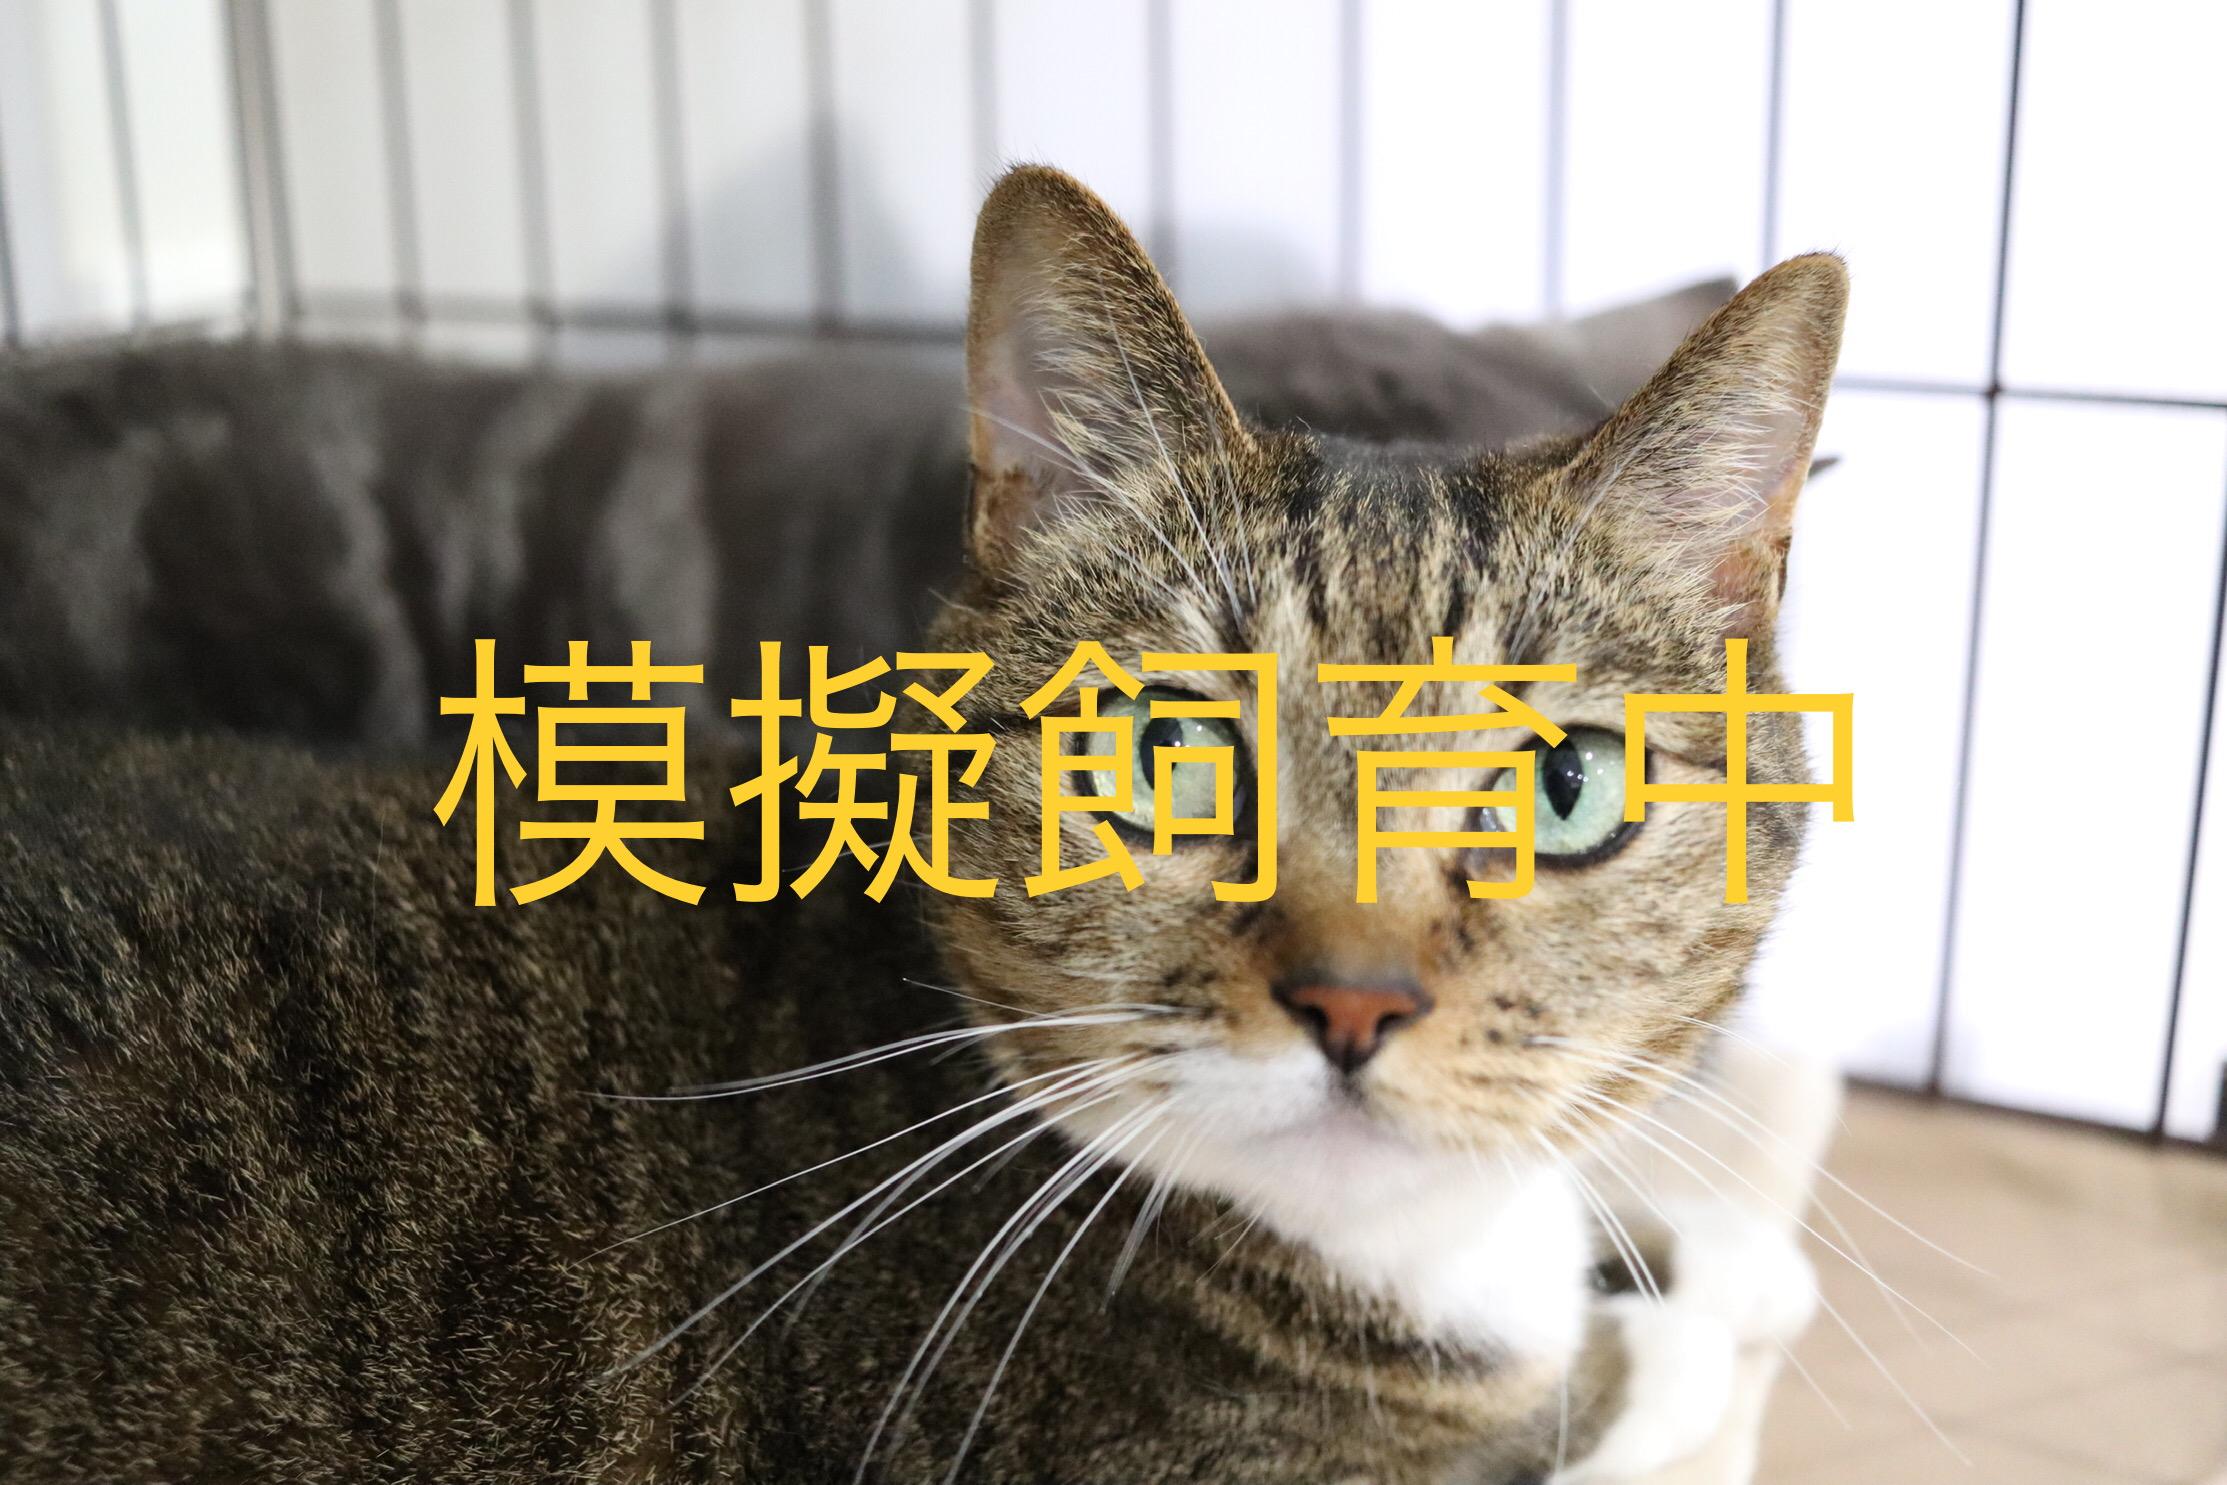 <ul> <li>猫種:日本猫</li> <li>性別:女の子</li> <li>名前:キジトラ</li> <li>年齢:2011〜2012年頃生まれ</li> <li>保護経緯:家族に猫アレルギー発症、そして飼い主の出産を控え飼育困難</li> </ul>